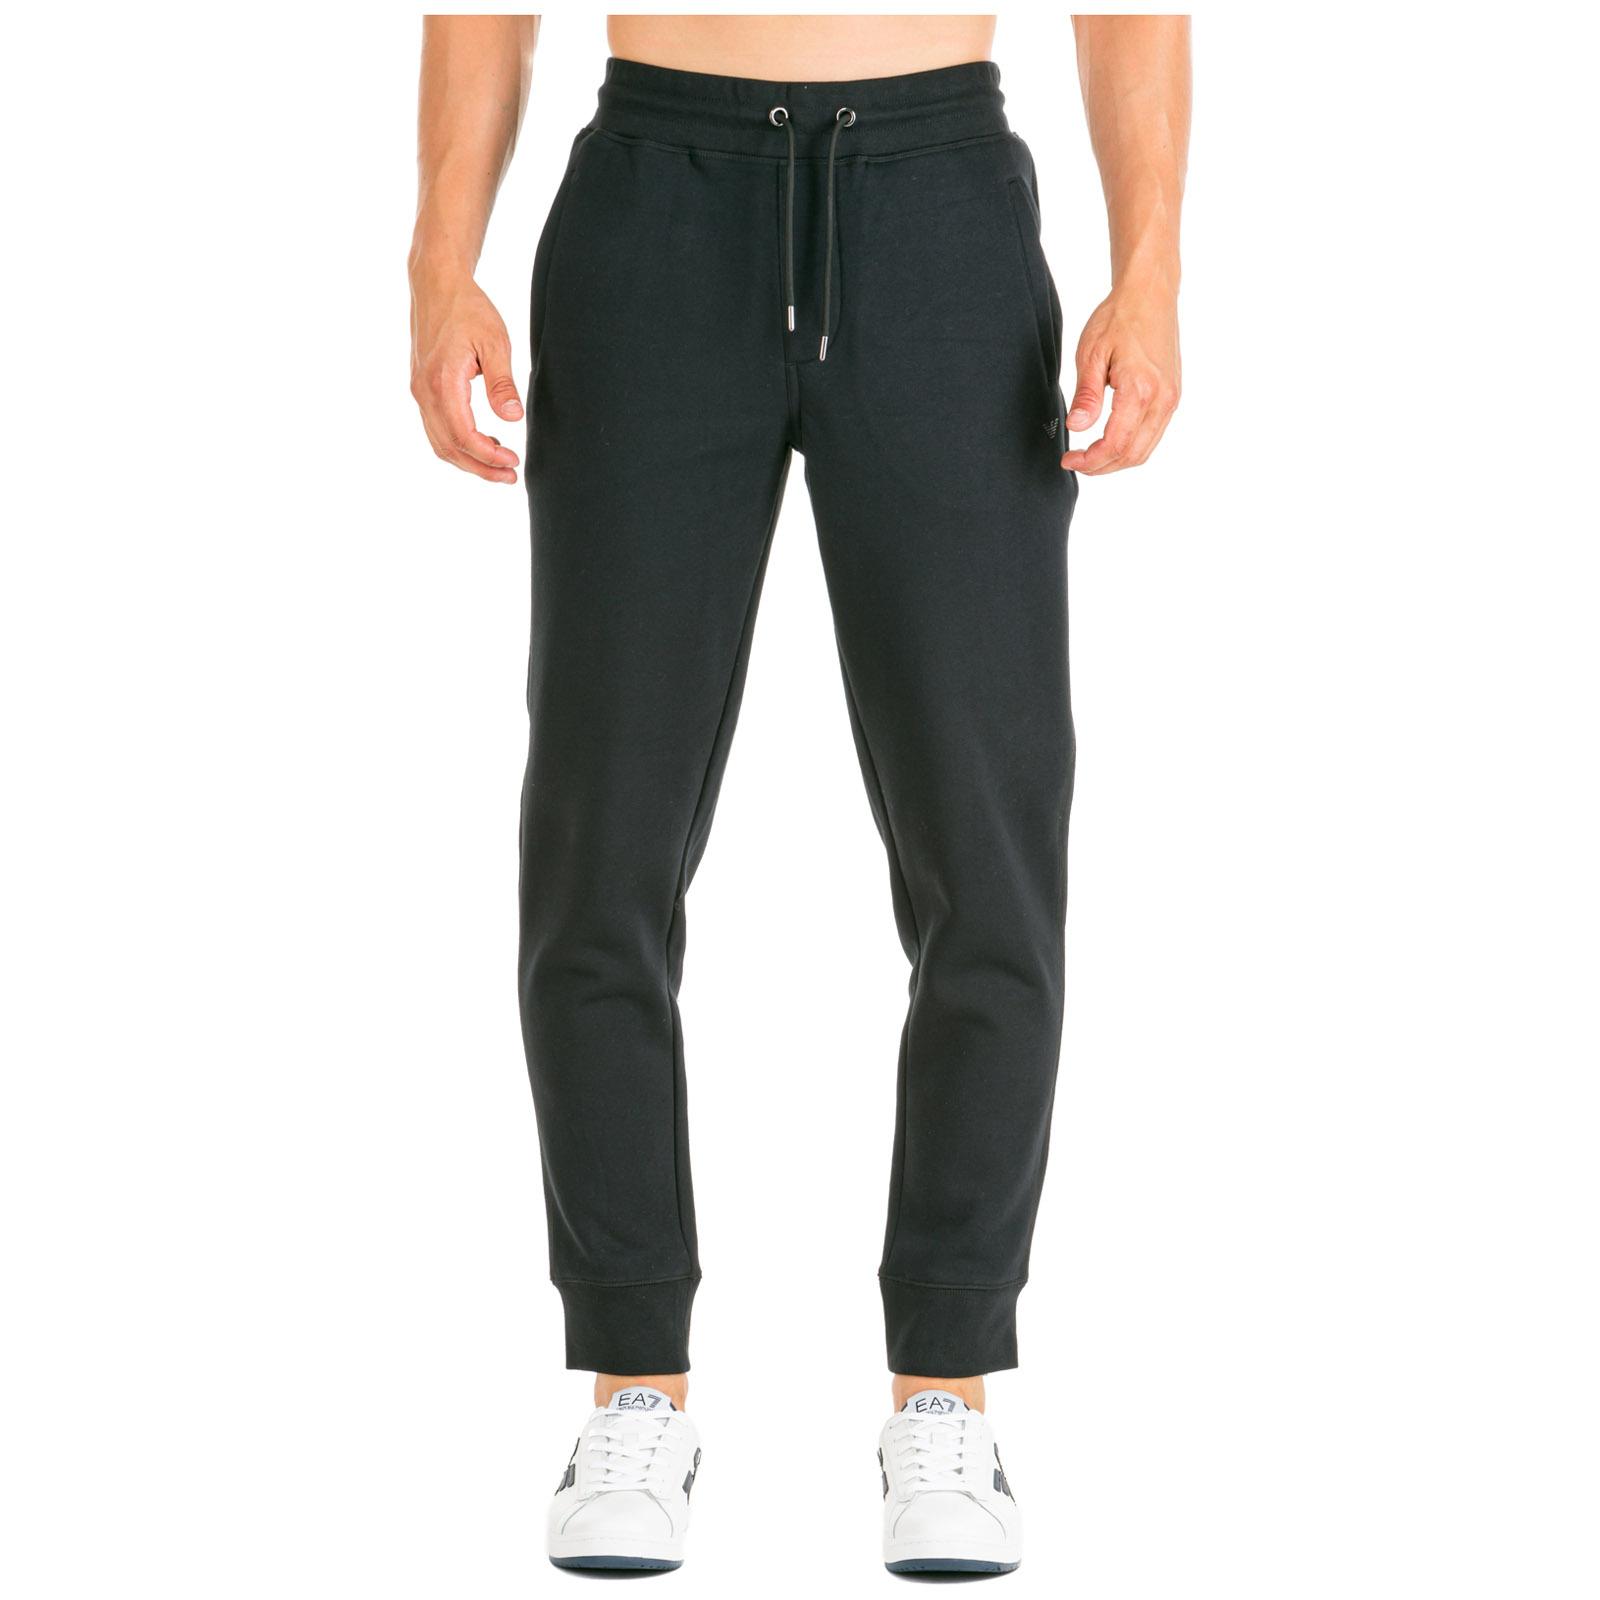 hot sale online b1646 e0e3d Pantaloni tuta uomo